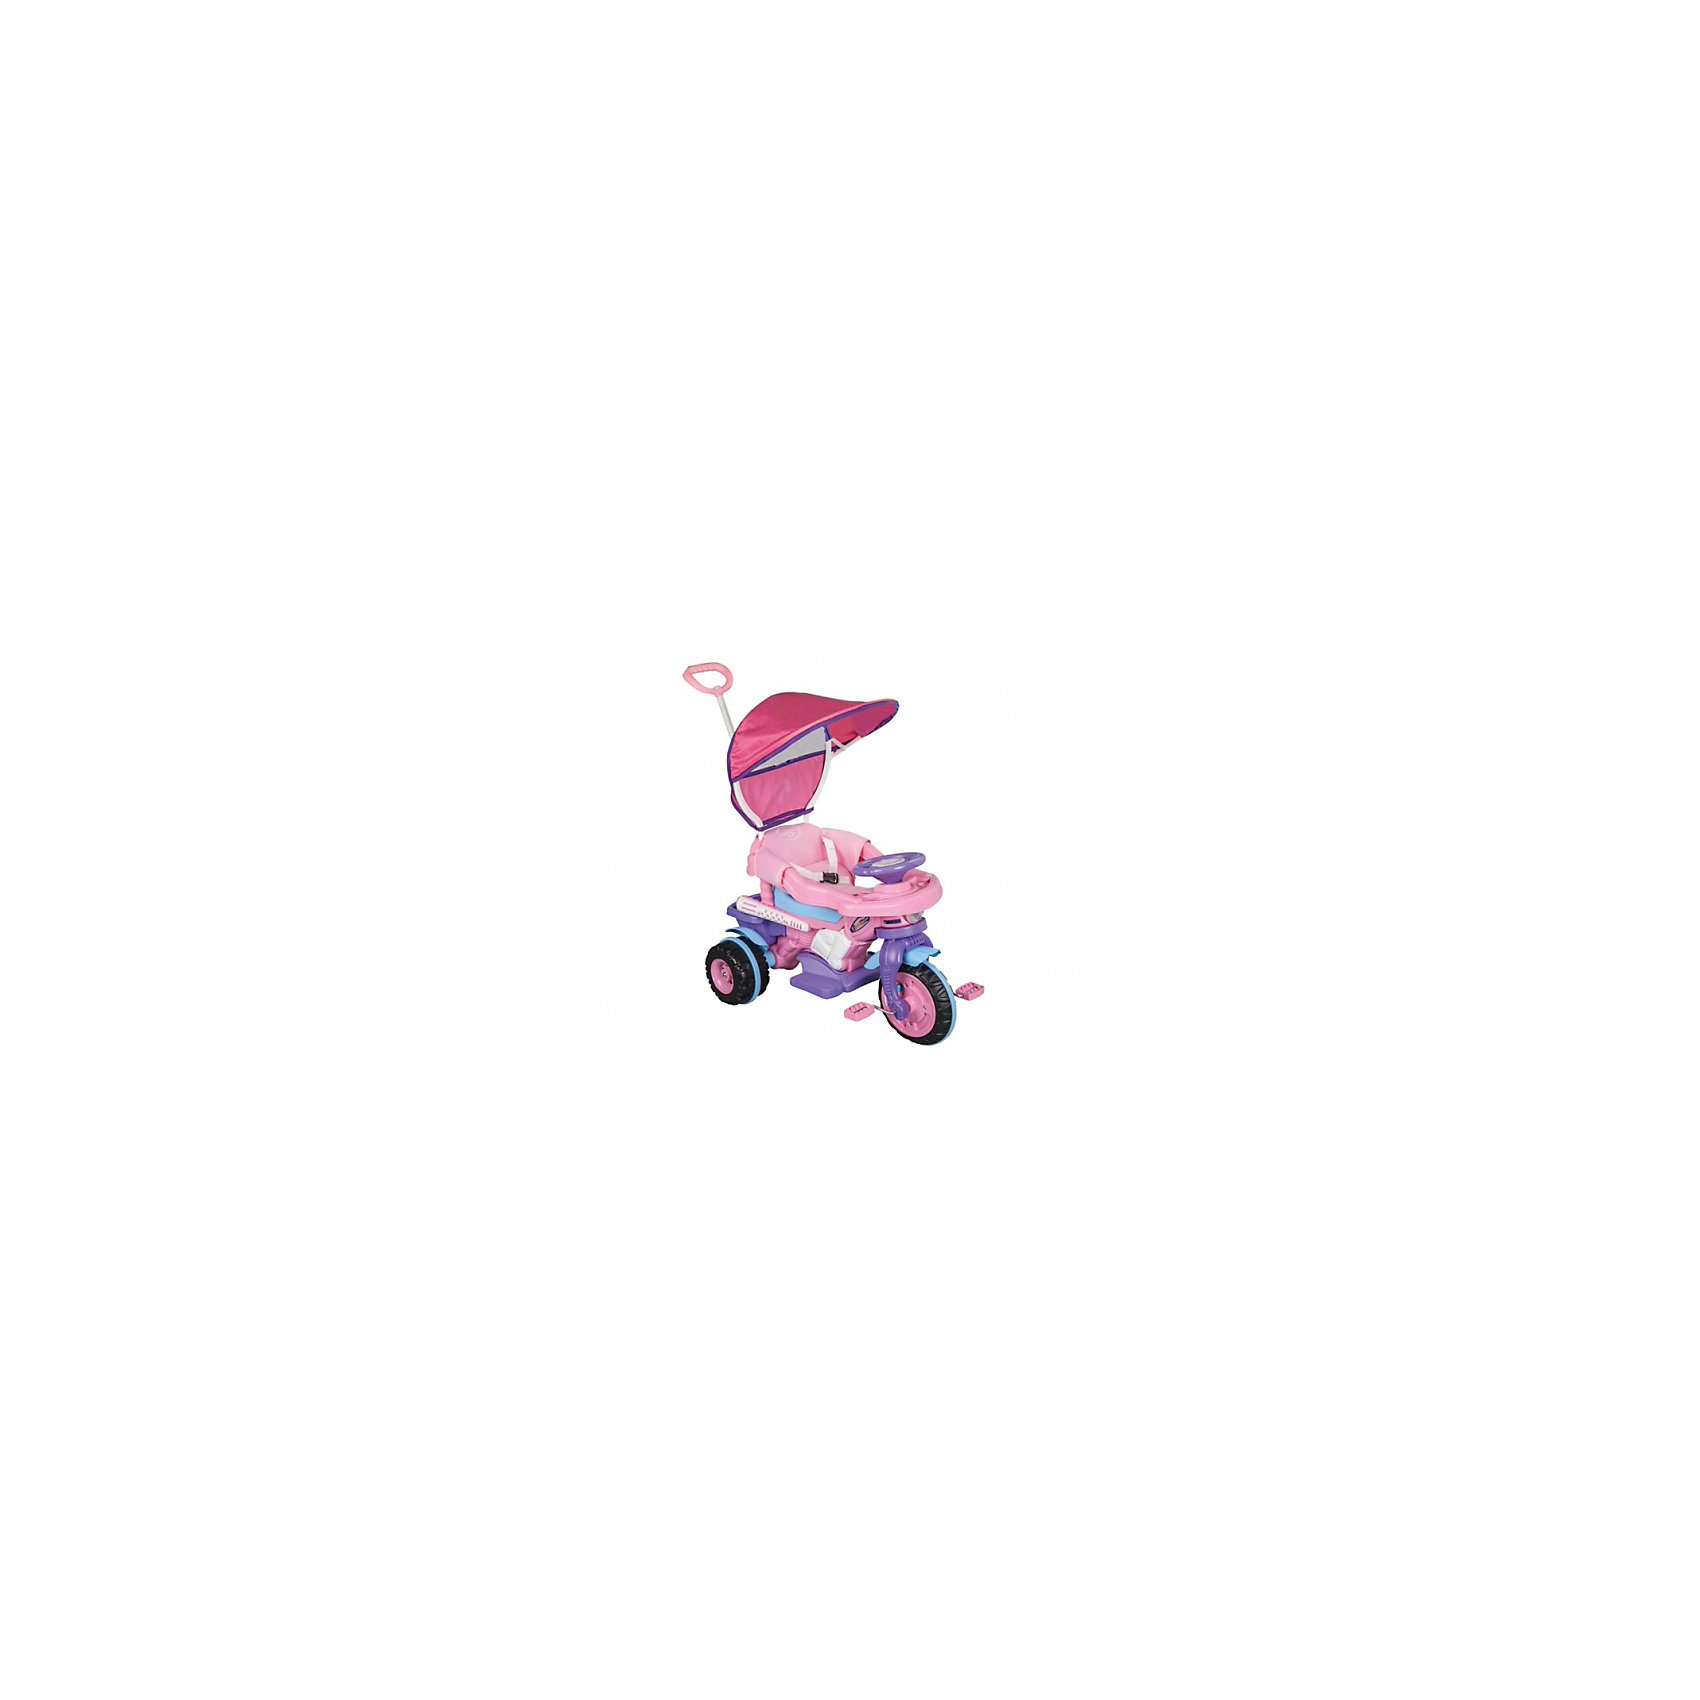 Велосипед MAXI с ручкой управления в коробке, PILSANВелосипеды детские<br>Характеристики товара:<br><br>• цвет: голубой<br>• возраст: от 3 лет<br>• эргономичная форма сиденья<br>• регулируемая родительская ручка управления<br>• устойчивые колеса<br>• съемные ограничители<br>• система блокировки педалей<br>• мягкий чехол<br>• музыкальная панель<br>• подставка для ног<br>• защита от солнца<br>• максимальная нагрузка: 50 кг<br>• материал: пластик<br>• размер упаковки: 55х81х51 см<br>• вес: 7 кг<br><br>Велосипед MAXI удобно брать с собой даже на прогулку! Малыш сможет комфортно расположиться в удобном сидении со съемными ограничителями по краям. <br><br>Сиденье имеет съемный мягкий чехол. Съемный тент защитит ребенка от воздействия прямых солнечных лучей. <br><br>Велосипед оснащен подставкой для ног, регулируемой родительской ручкой и защитой от брызг. <br><br>Музыкальная панель добавит еще больше радости во время поездки! <br><br>Велосипед MAXI с ручкой управления в коробке, PILSAN (Пилсан) вы можете купить в нашем интернет-магазине.<br><br>Ширина мм: 510<br>Глубина мм: 810<br>Высота мм: 550<br>Вес г: 7000<br>Возраст от месяцев: 36<br>Возраст до месяцев: 84<br>Пол: Унисекс<br>Возраст: Детский<br>SKU: 5512057